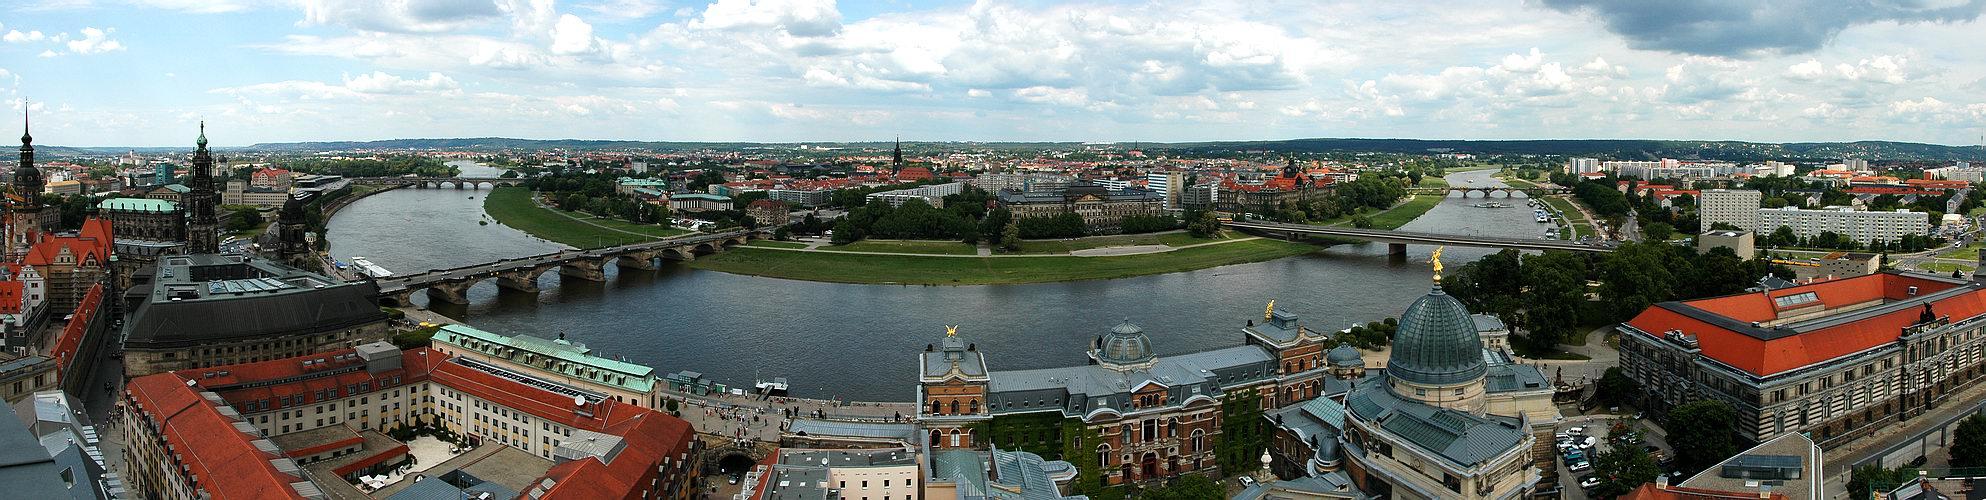 Dresden, Elbeschleife